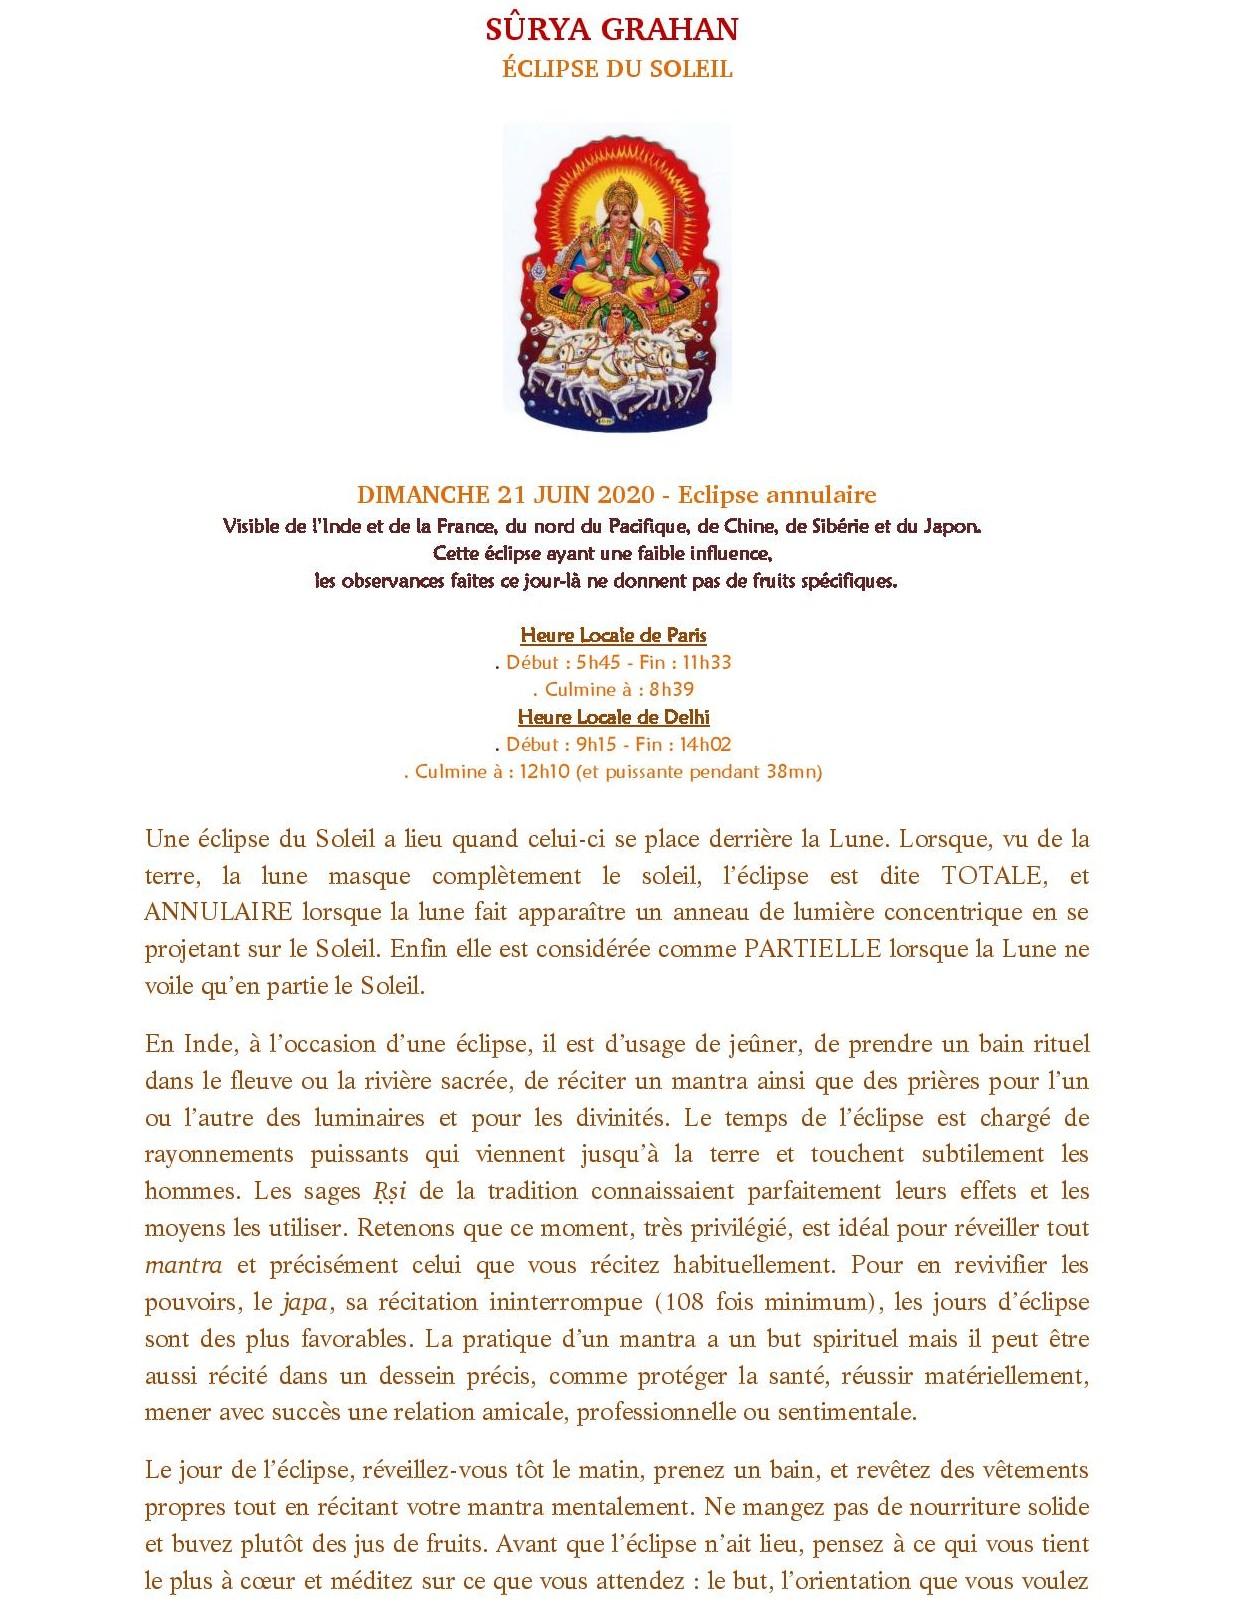 ECLIPSE DE SOLEIL DE SOLEIL TYPE-page-001